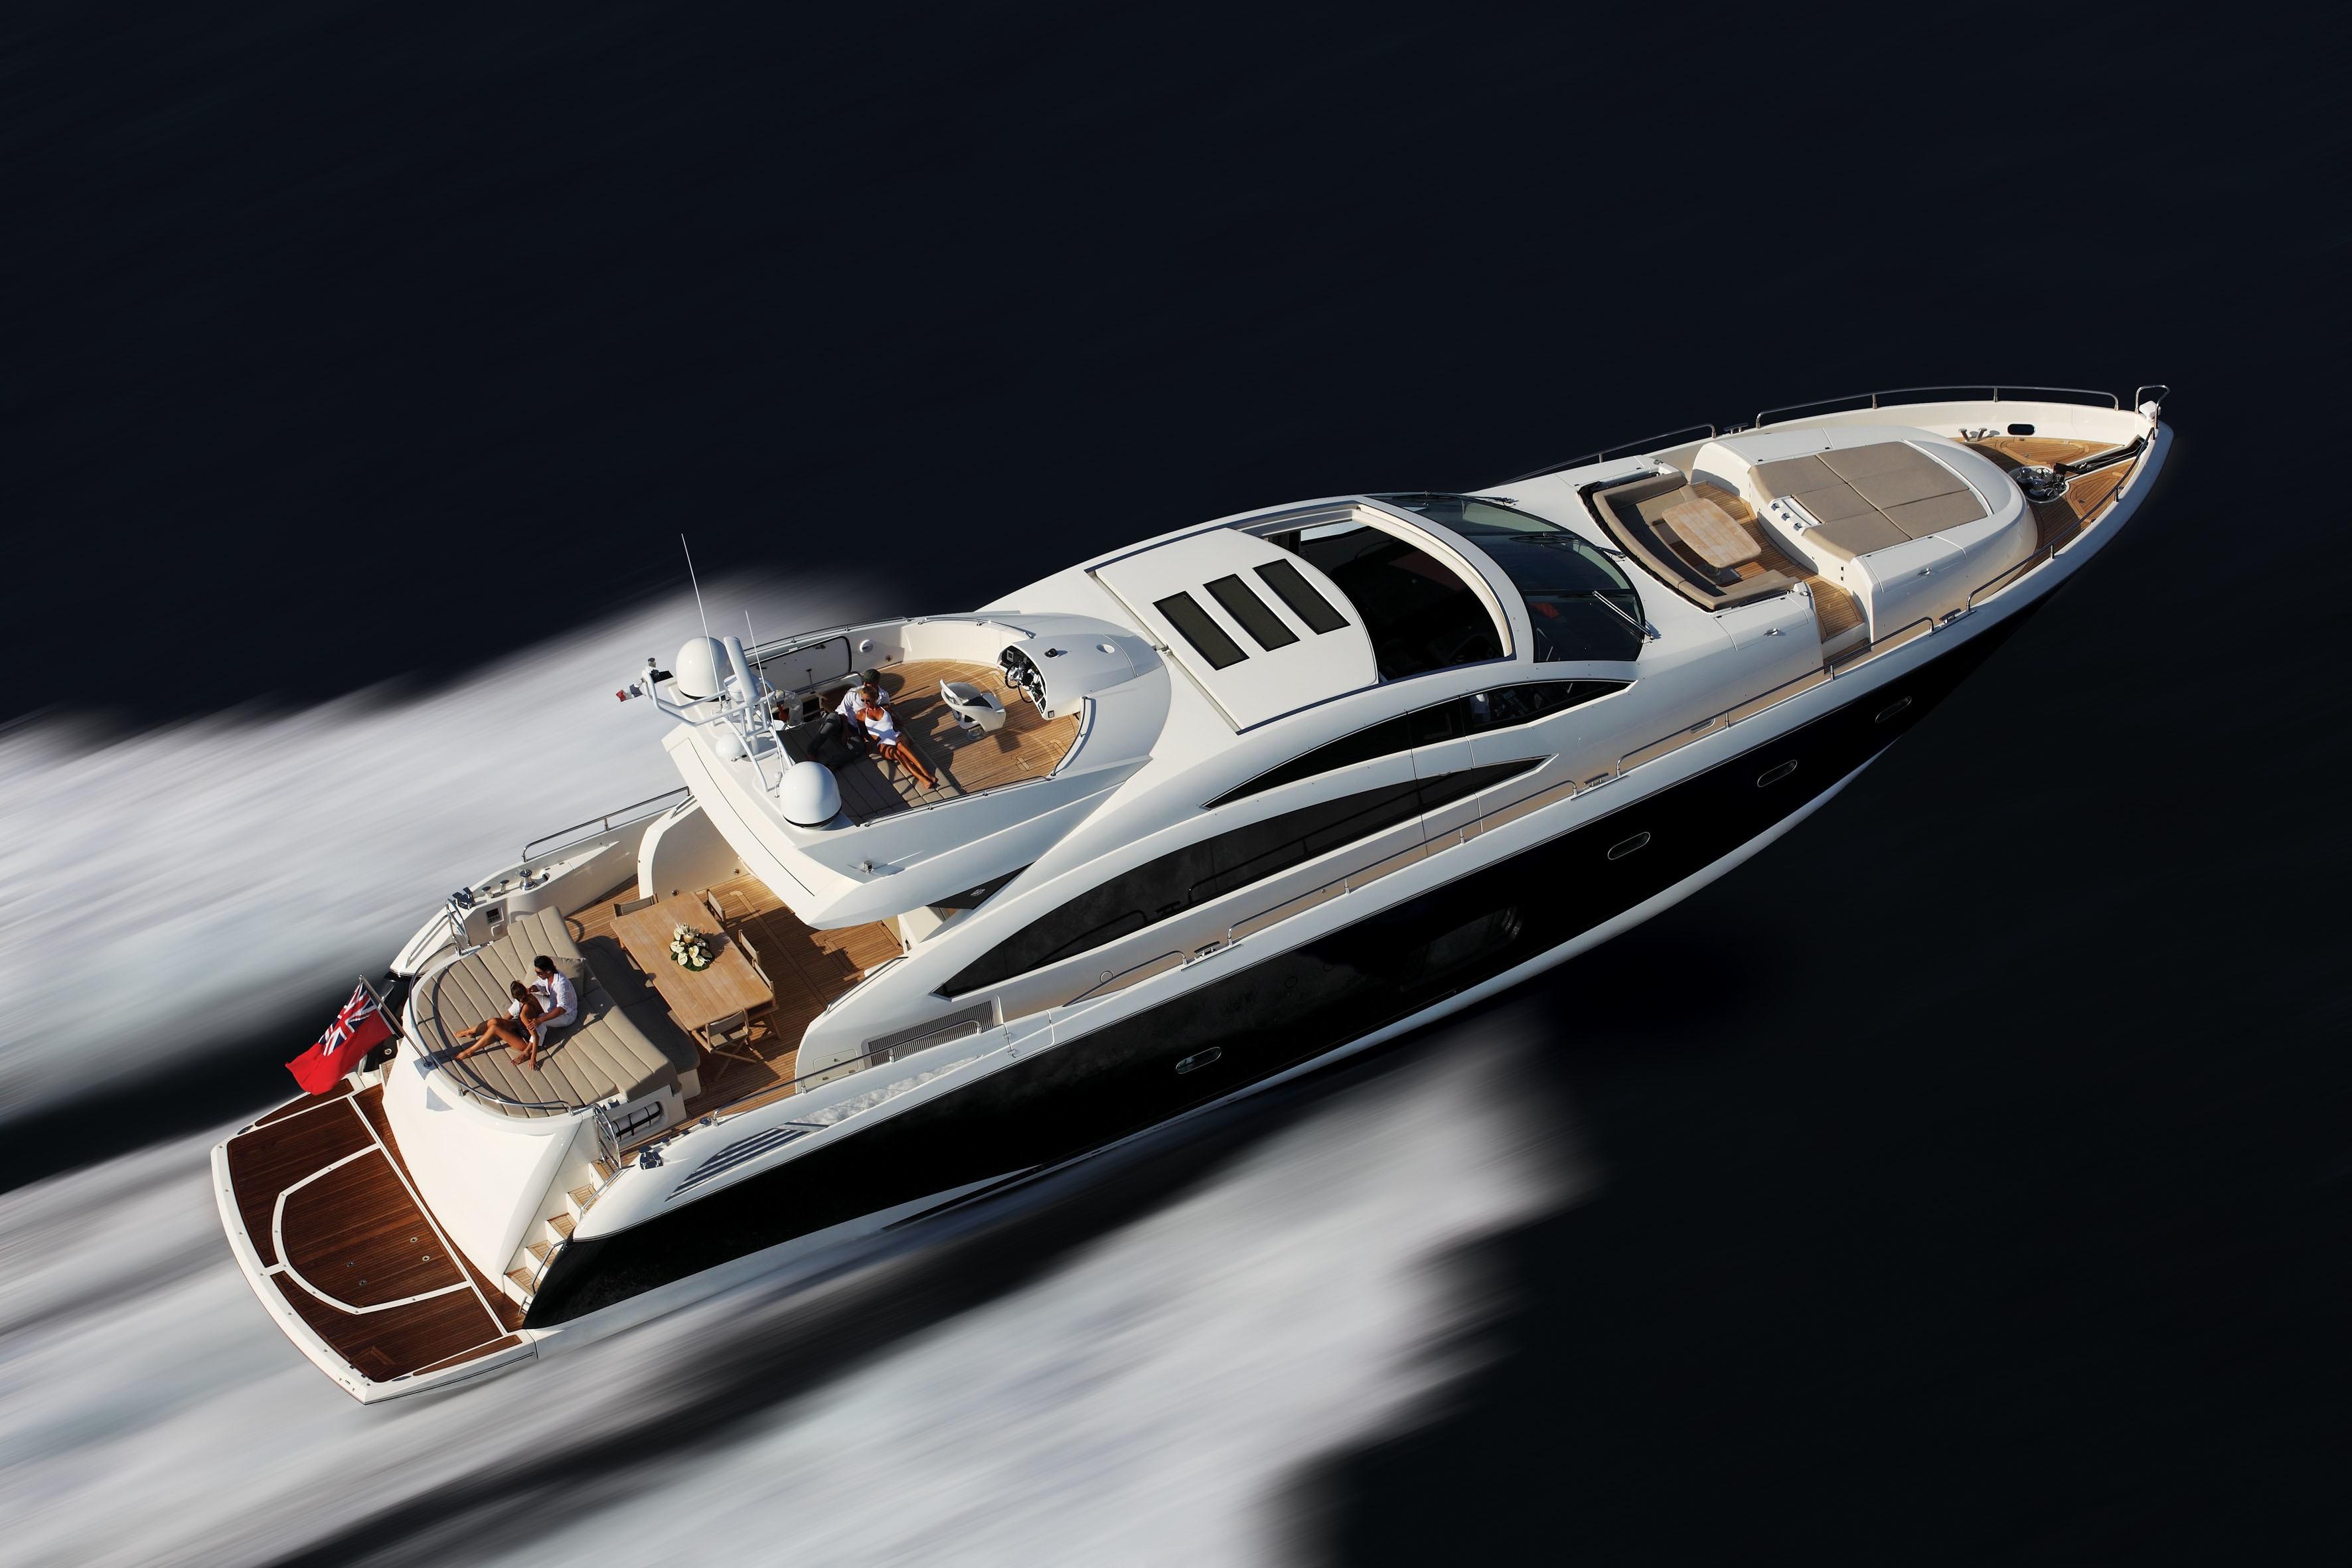 The 26m Yacht ALVIUM